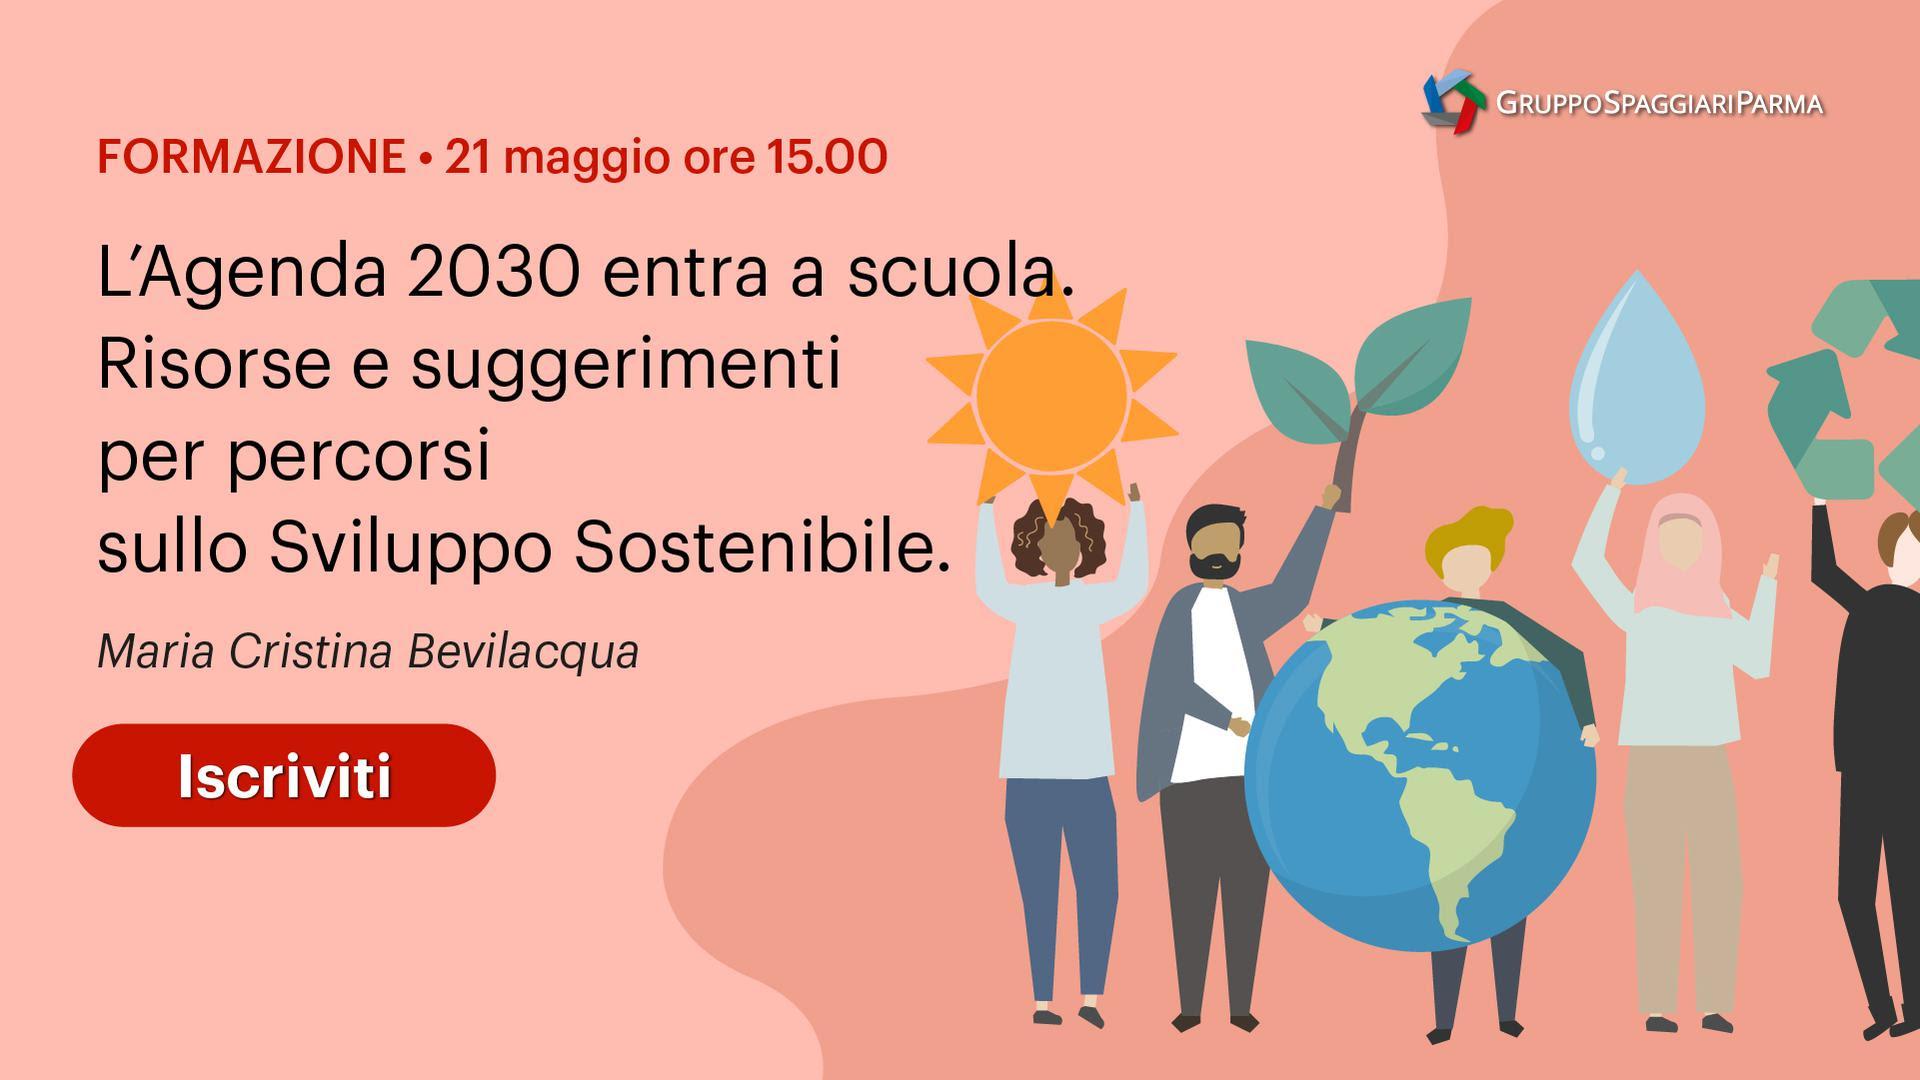 L'Agenda 2030 entra a scuola. Risorse e suggerimenti per percorsi sullo Sviluppo Sostenibile.